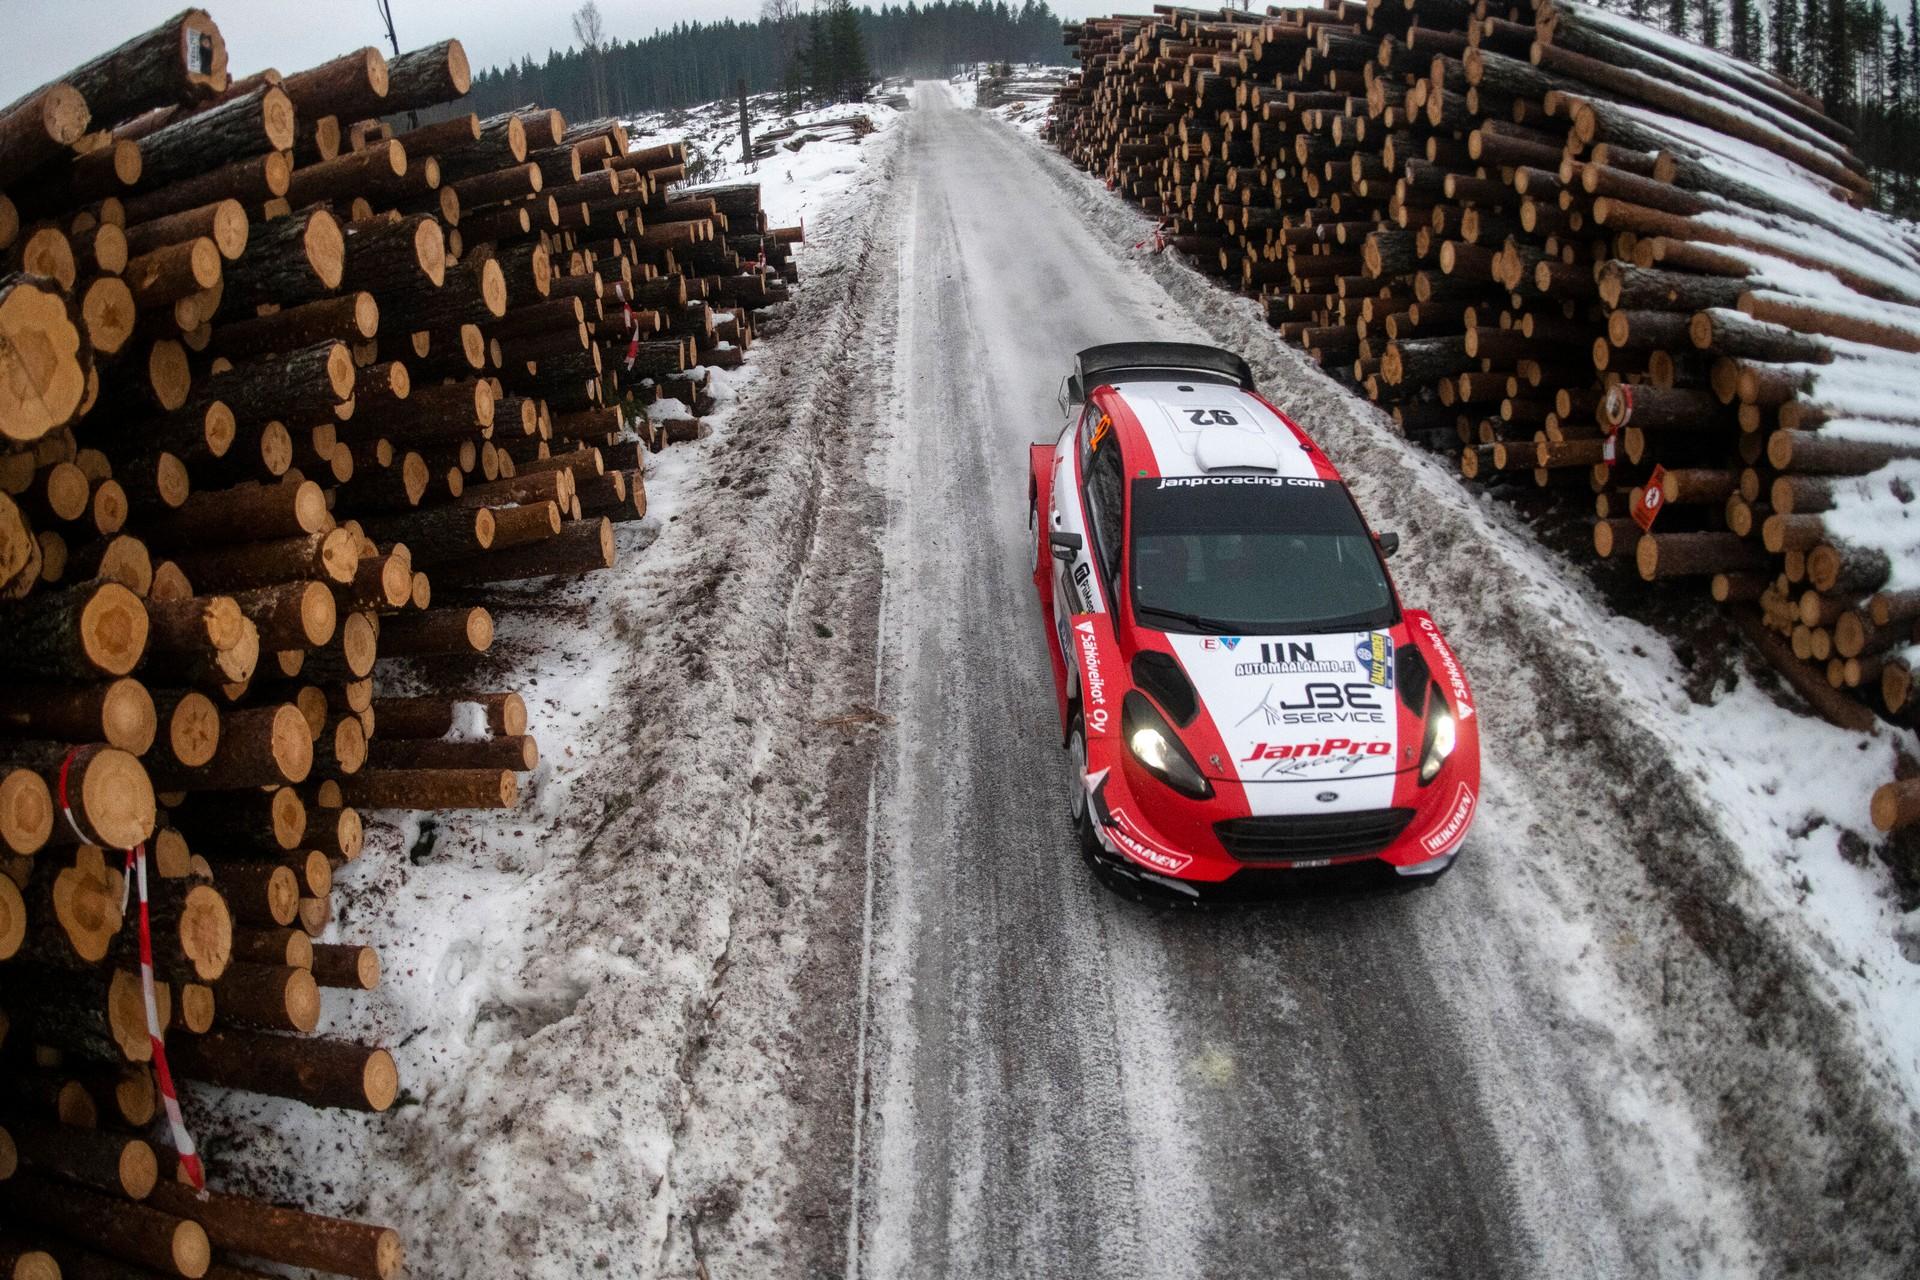 Ford Fiesta WRC JanPro